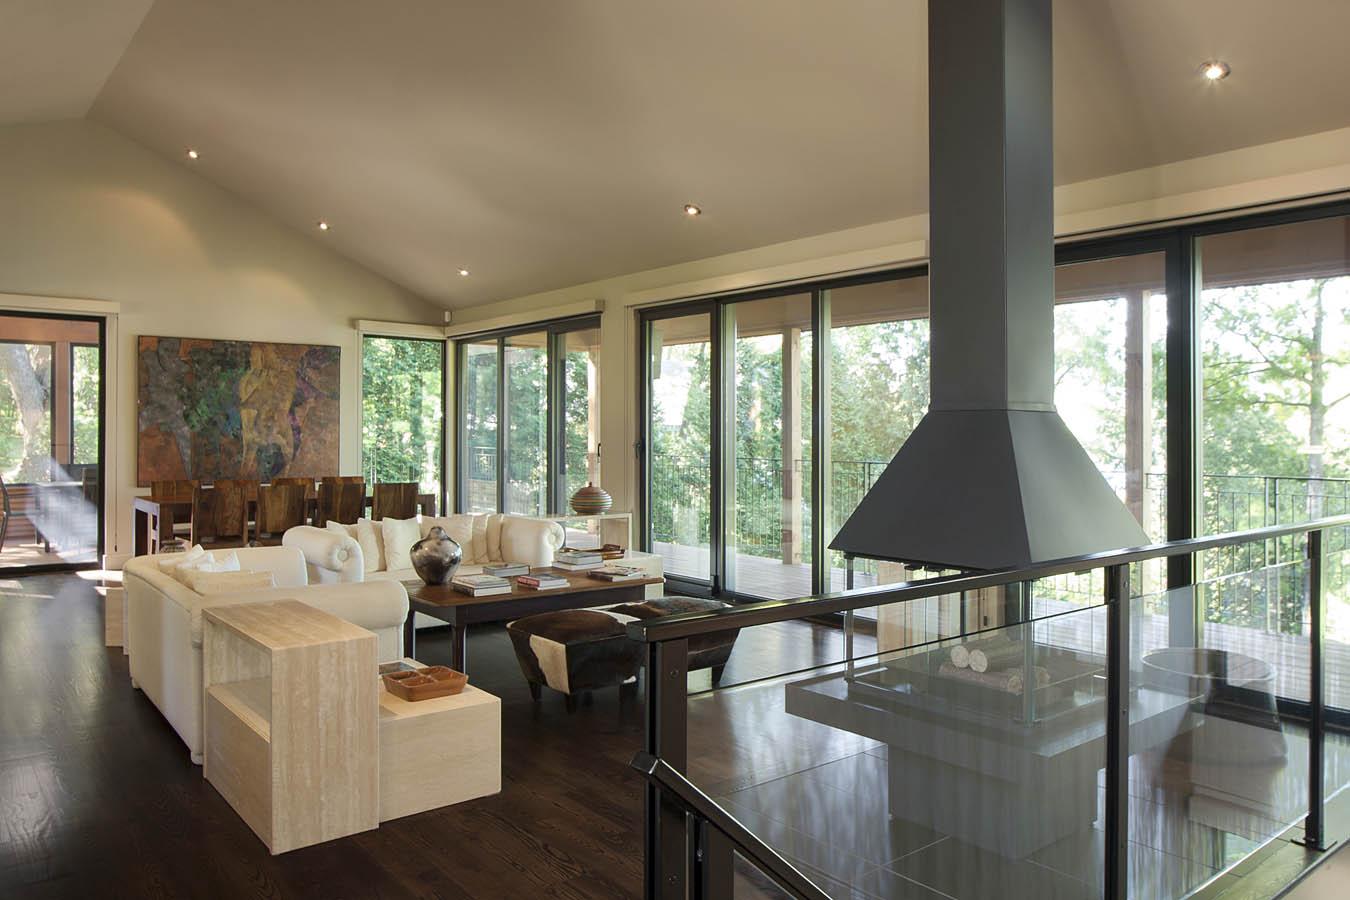 Salon Et Cuisine Aire Ouverte gallerie de maisons personnalisées | cim signature